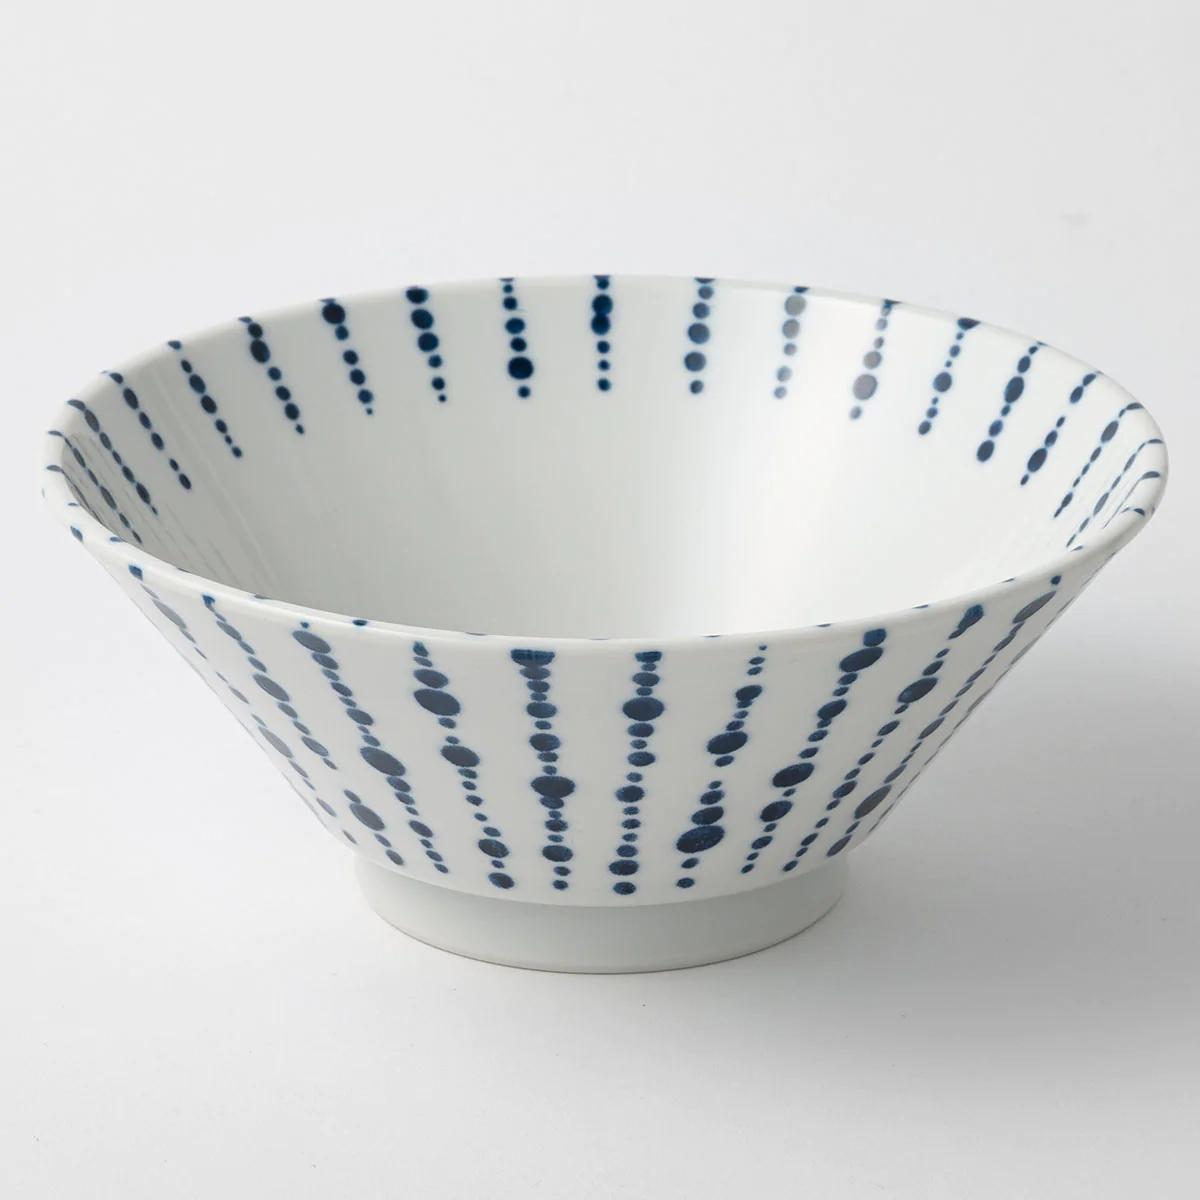 NITORI(ニトリ) 切立ラーメン丼 点十草 19cmの商品画像